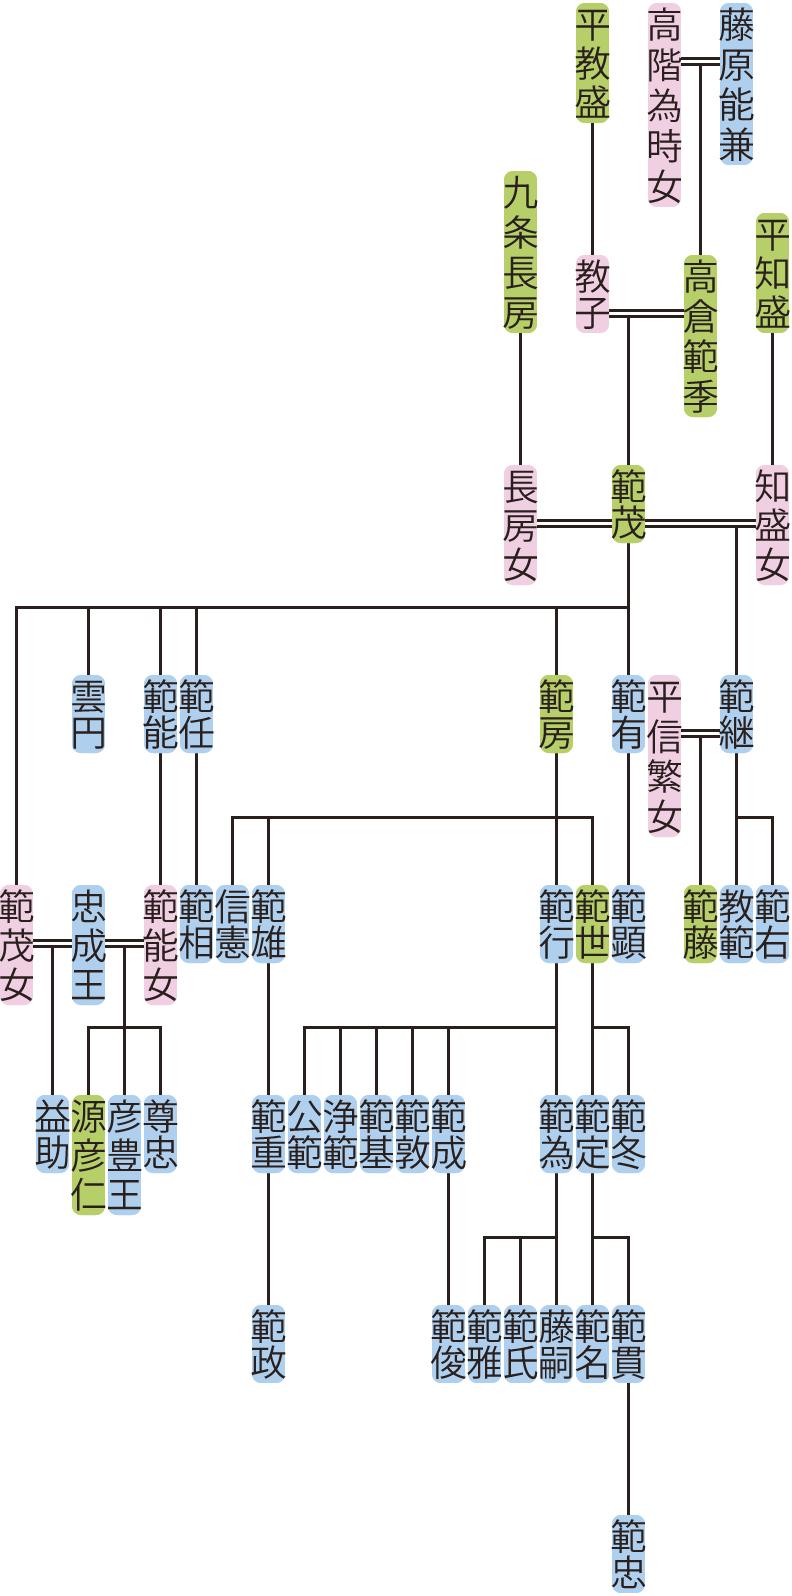 高倉範茂の系図